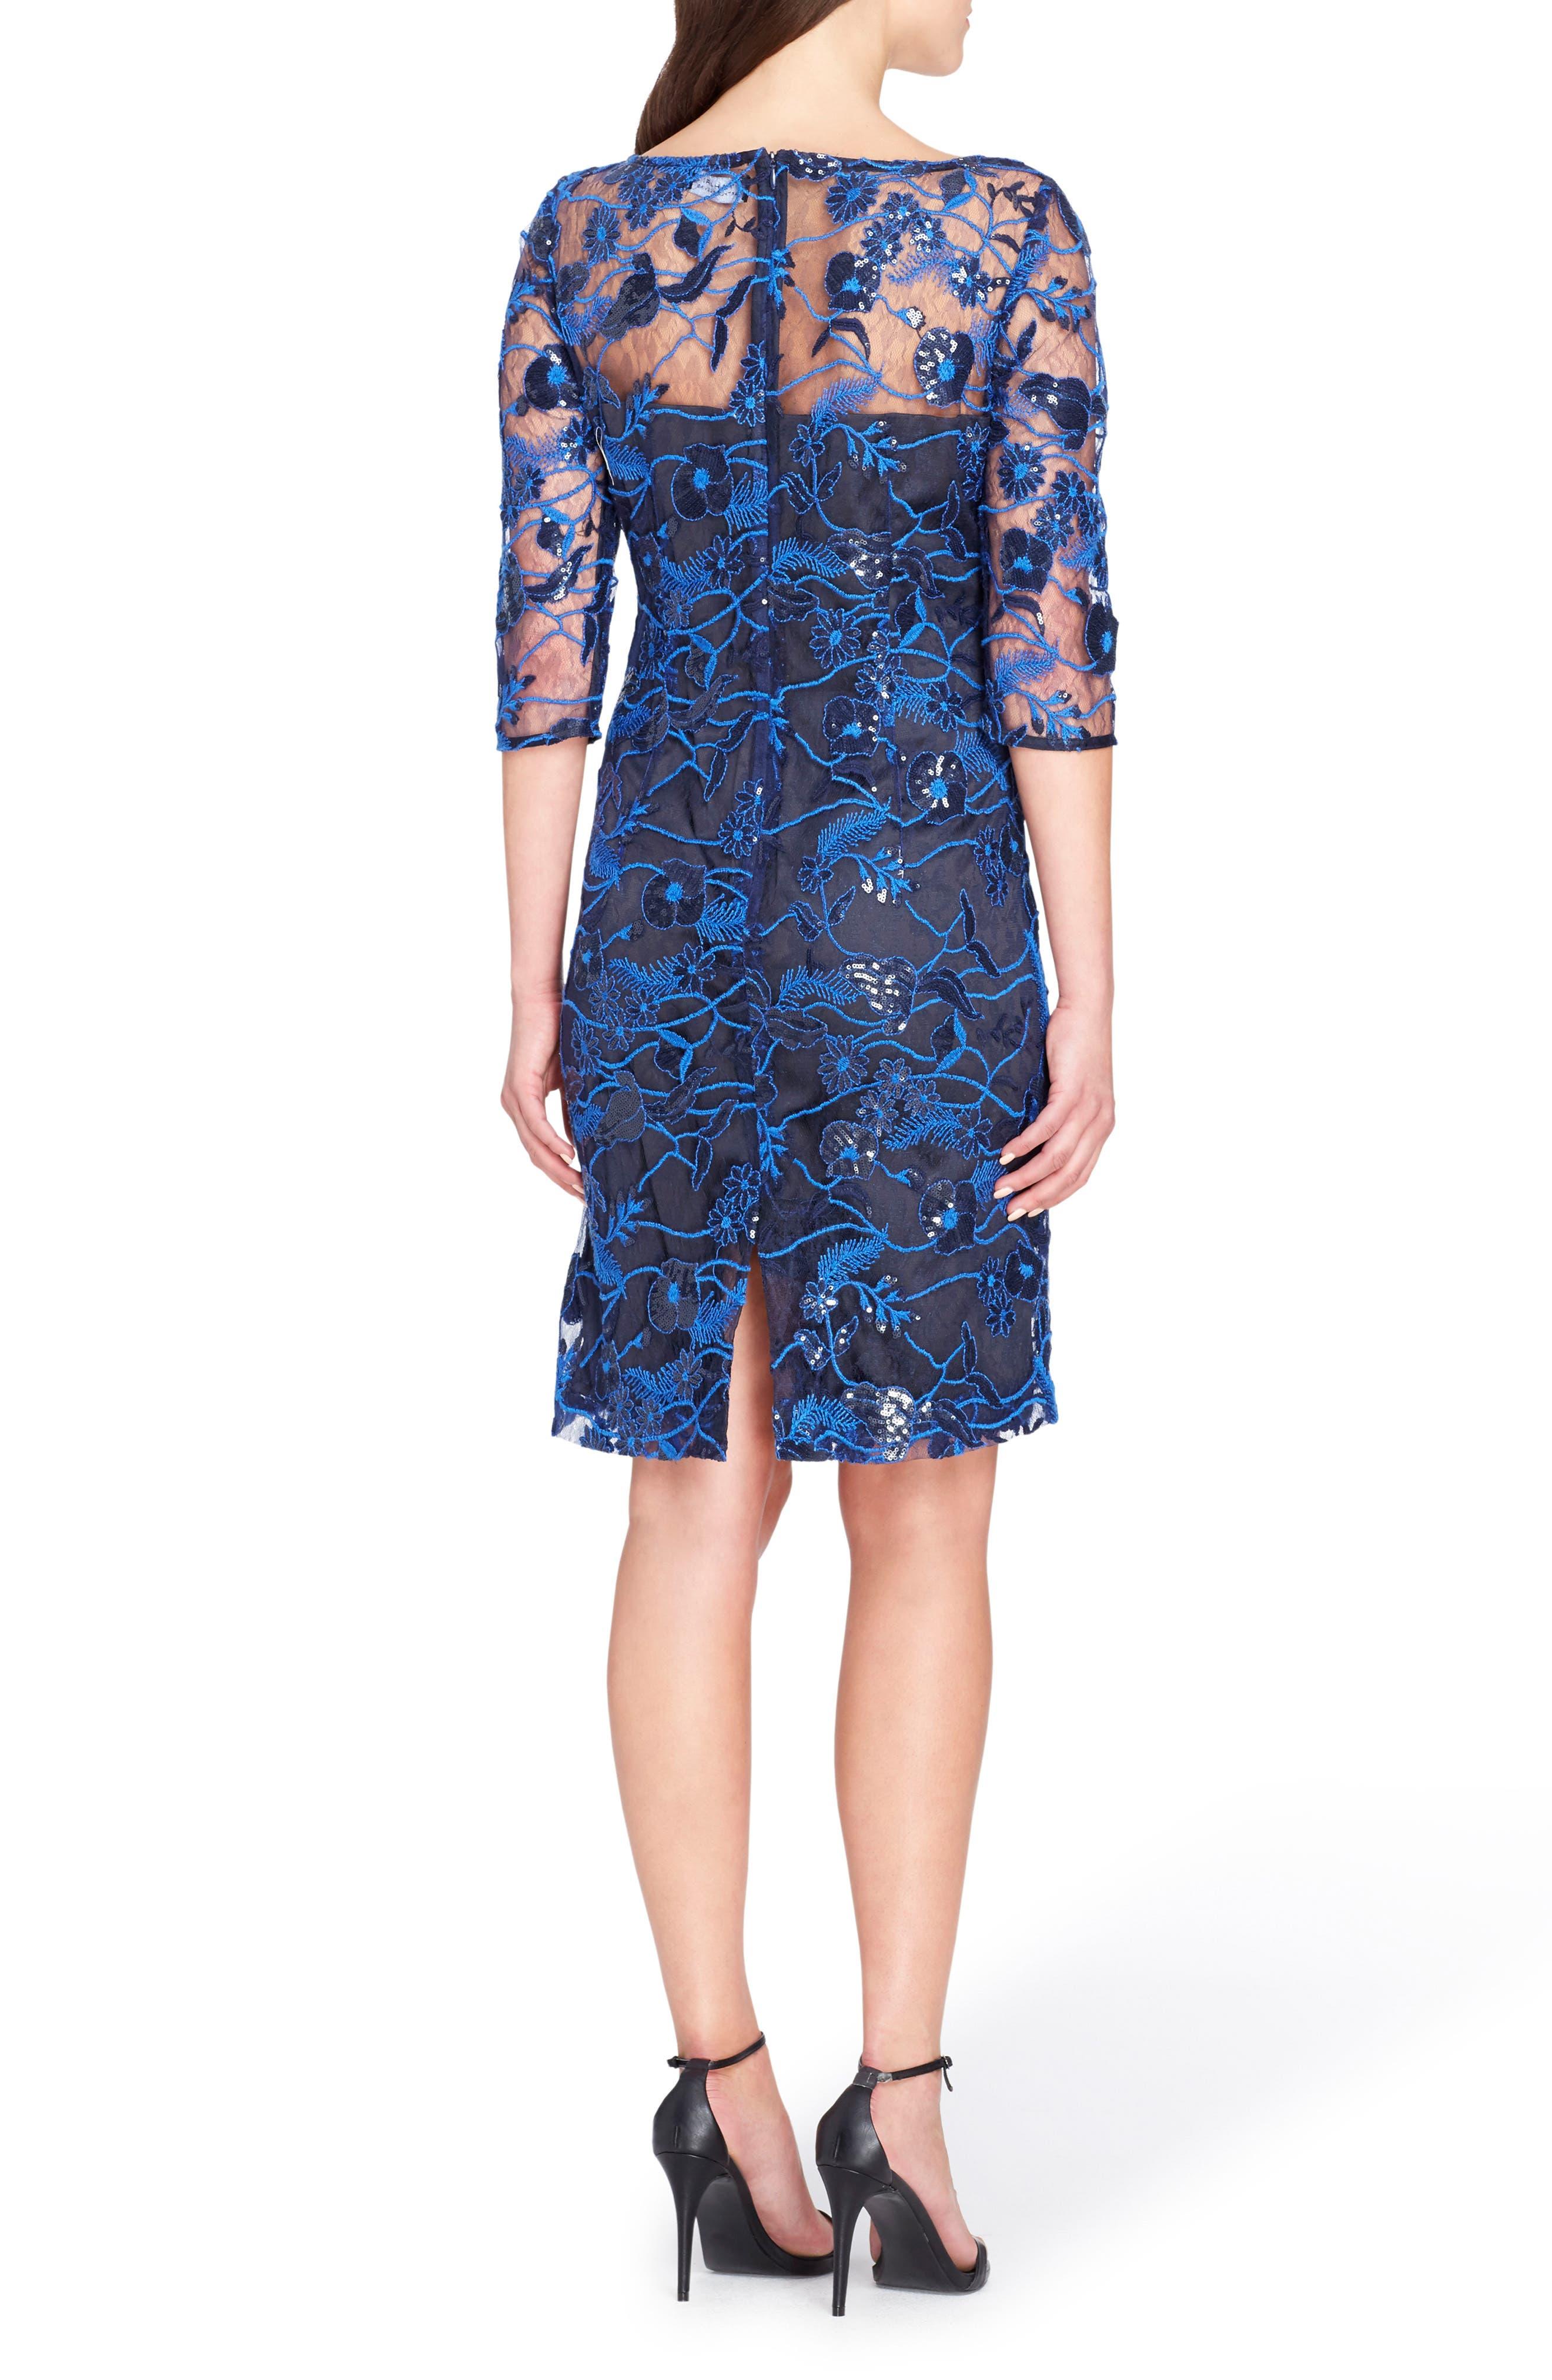 Illusion Lace Sheath Dress,                             Alternate thumbnail 2, color,                             Lapis/ Navy/ Black